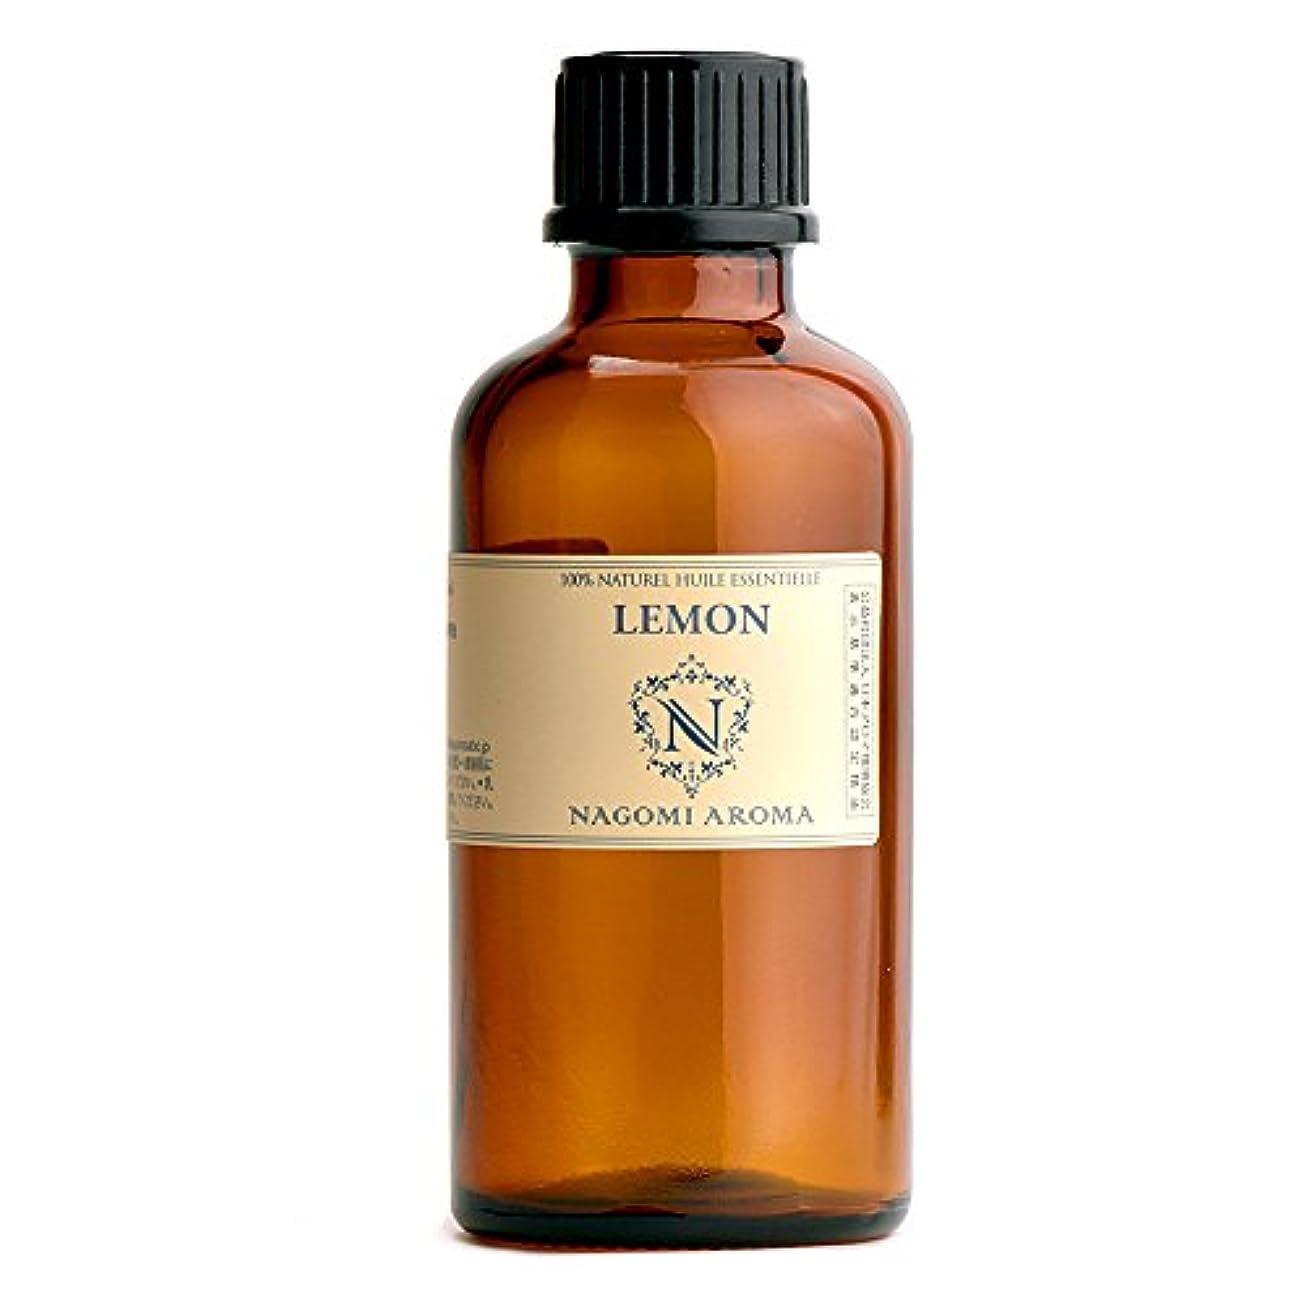 宿泊施設汚れた明るいNAGOMI AROMA レモン 50ml 【AEAJ認定精油】【アロマオイル】